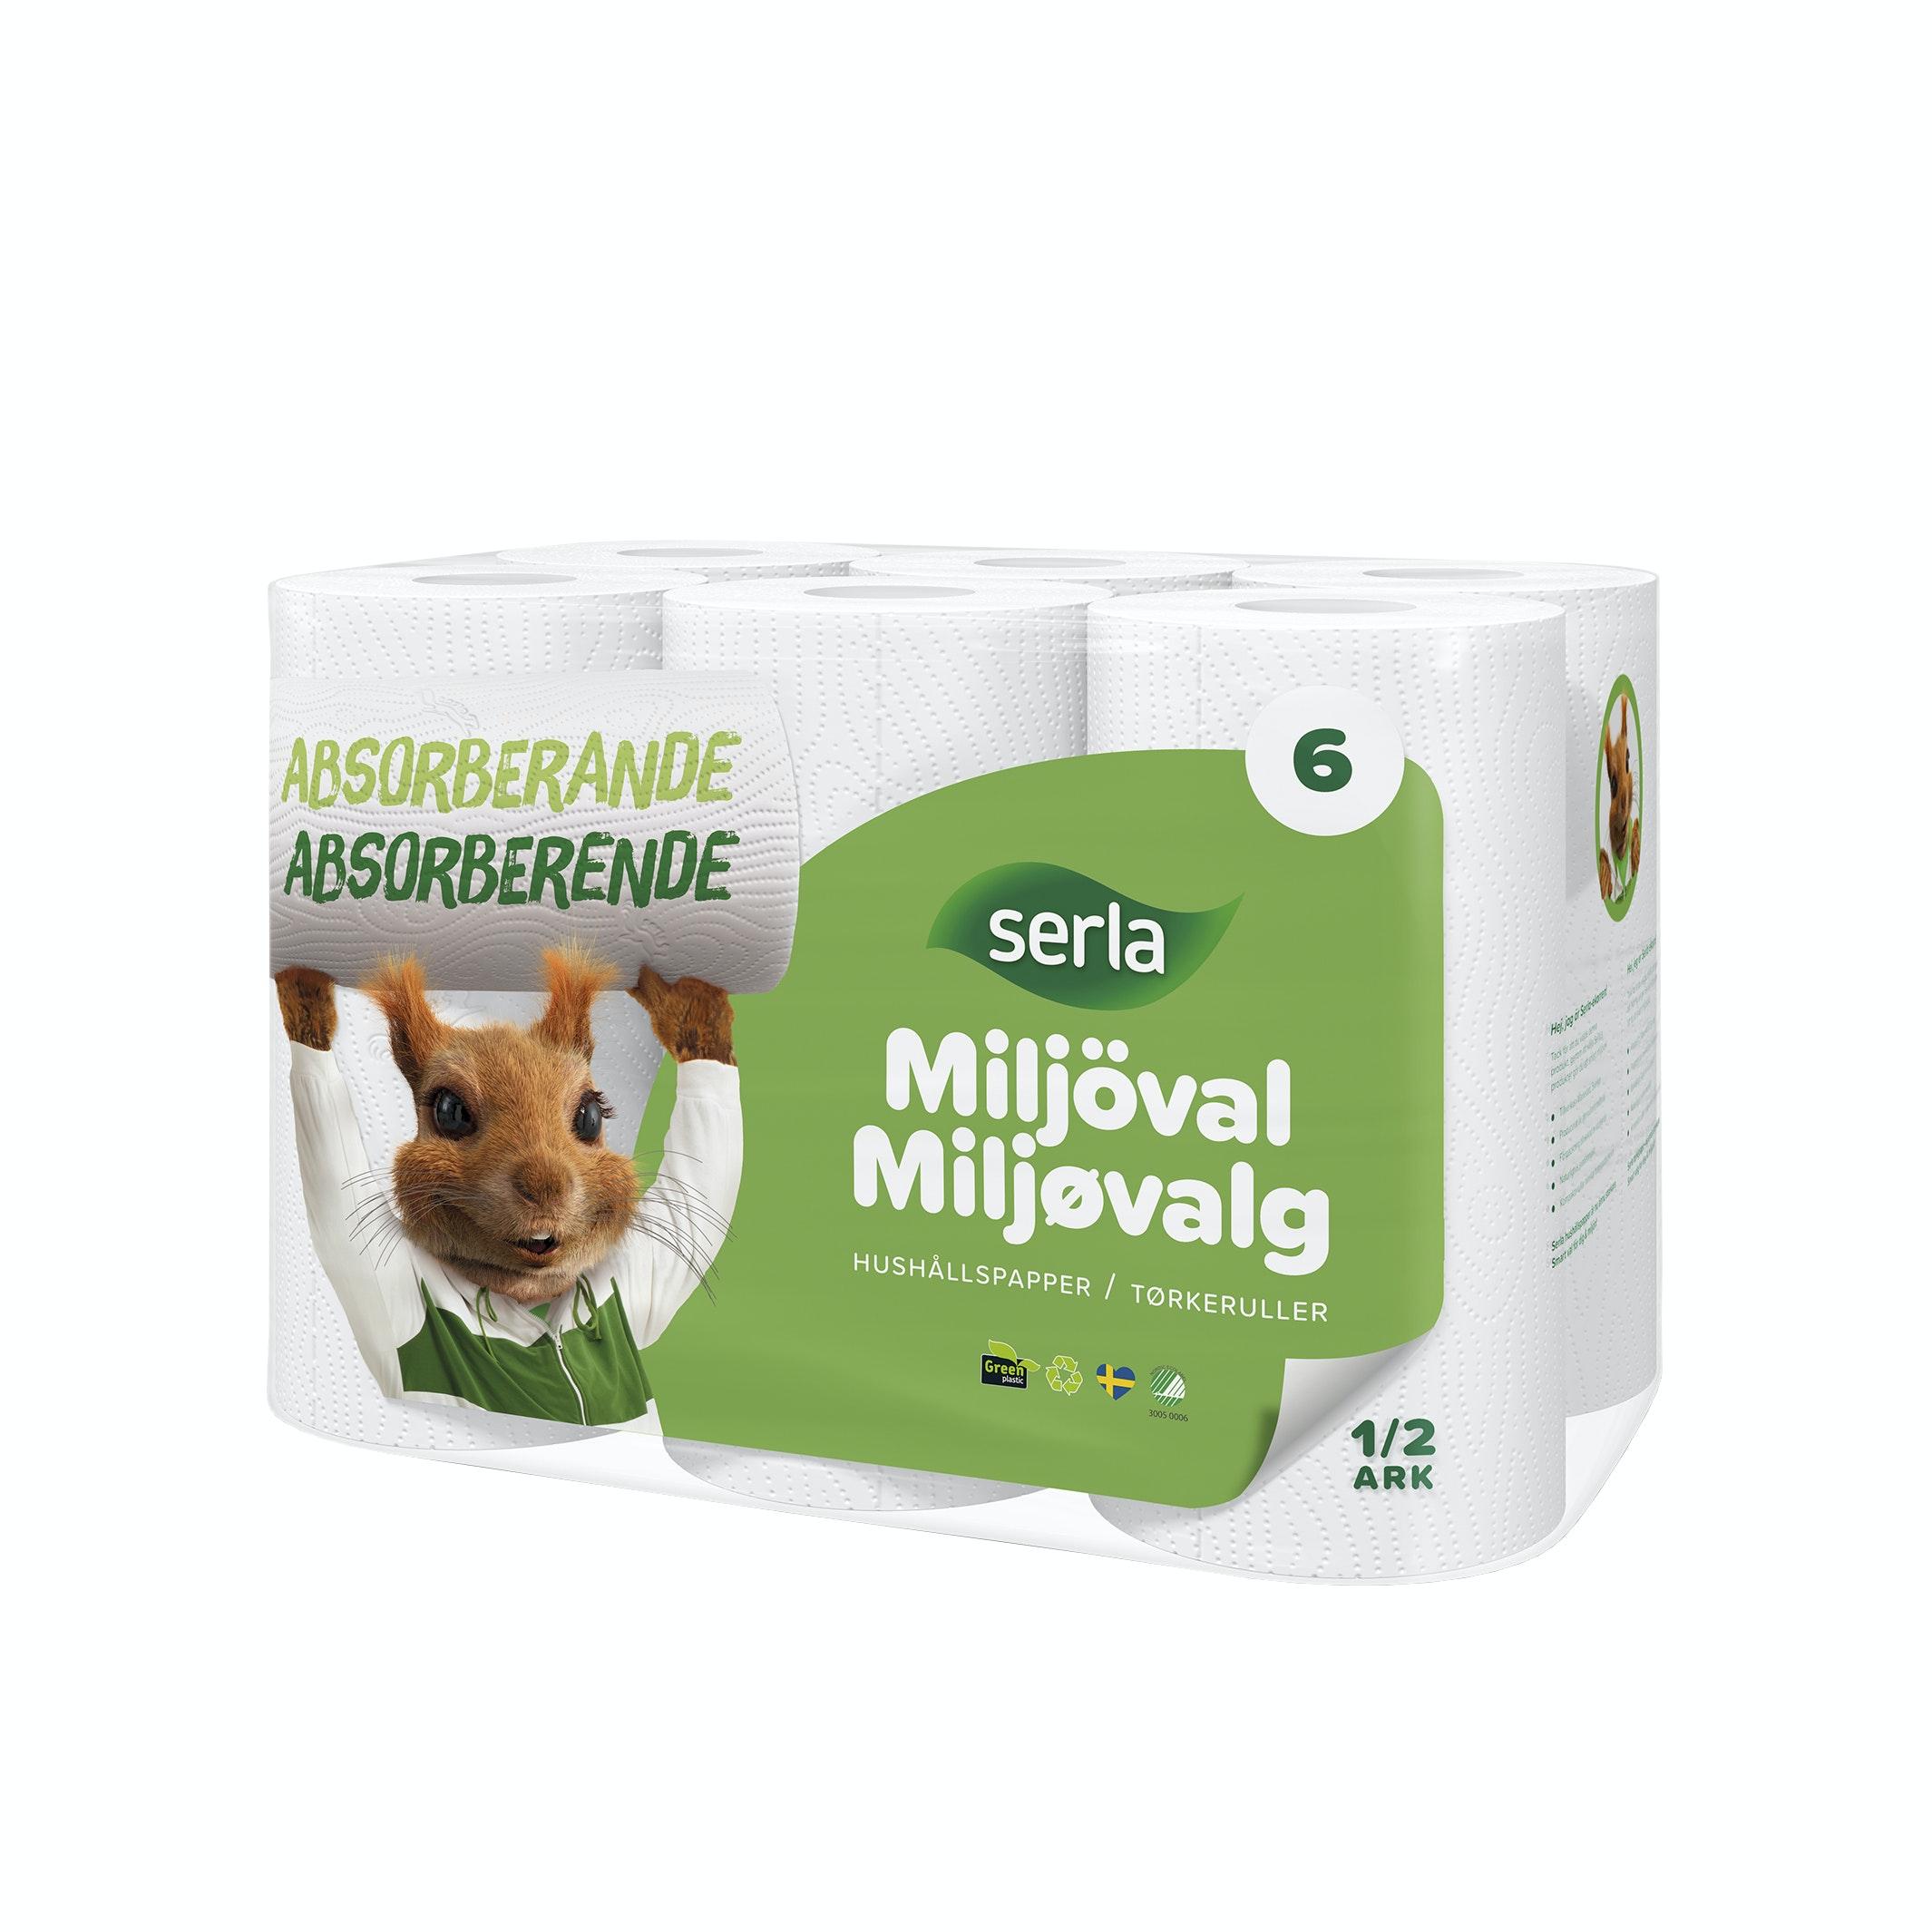 Hushållspapper Serla Miljöval 6P